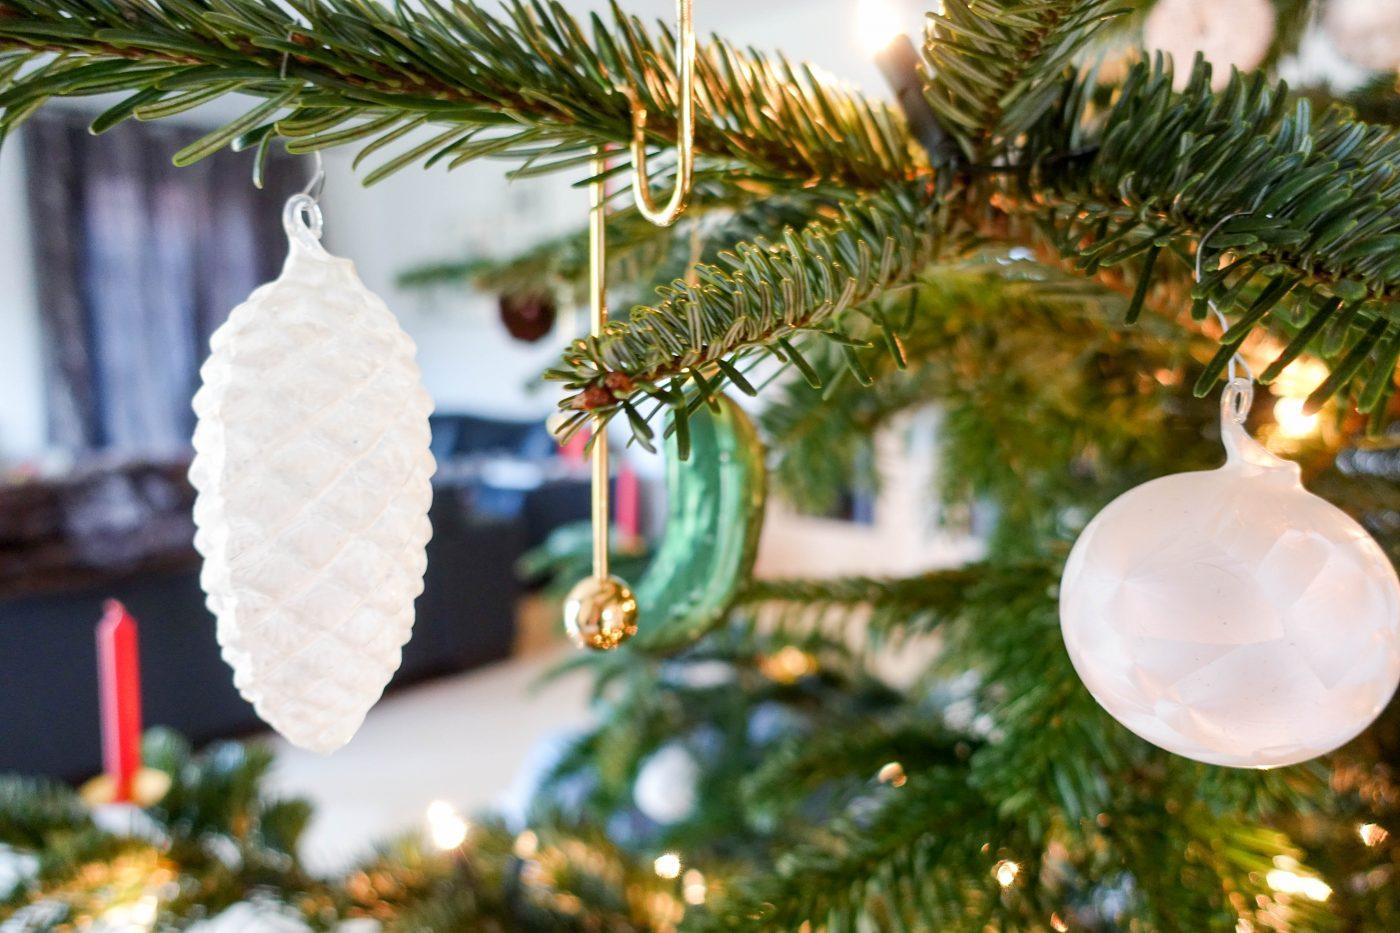 Weihnachtsbaum mit Lauschaer Kugeln